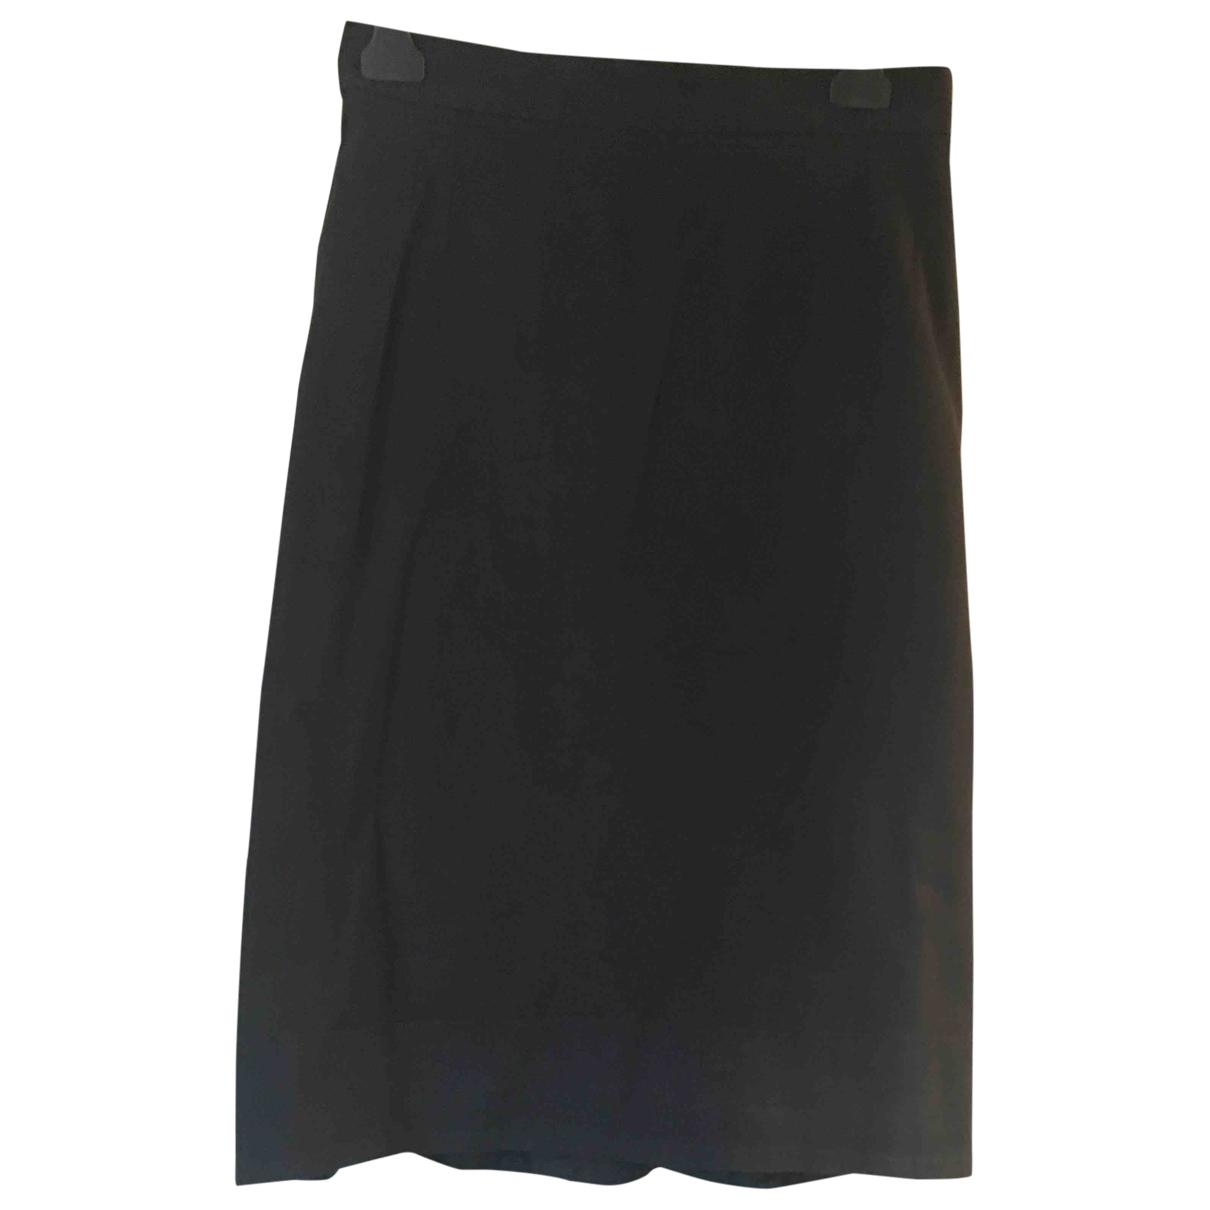 Vivienne Westwood Anglomania - Jupe   pour femme en coton - elasthane - noir